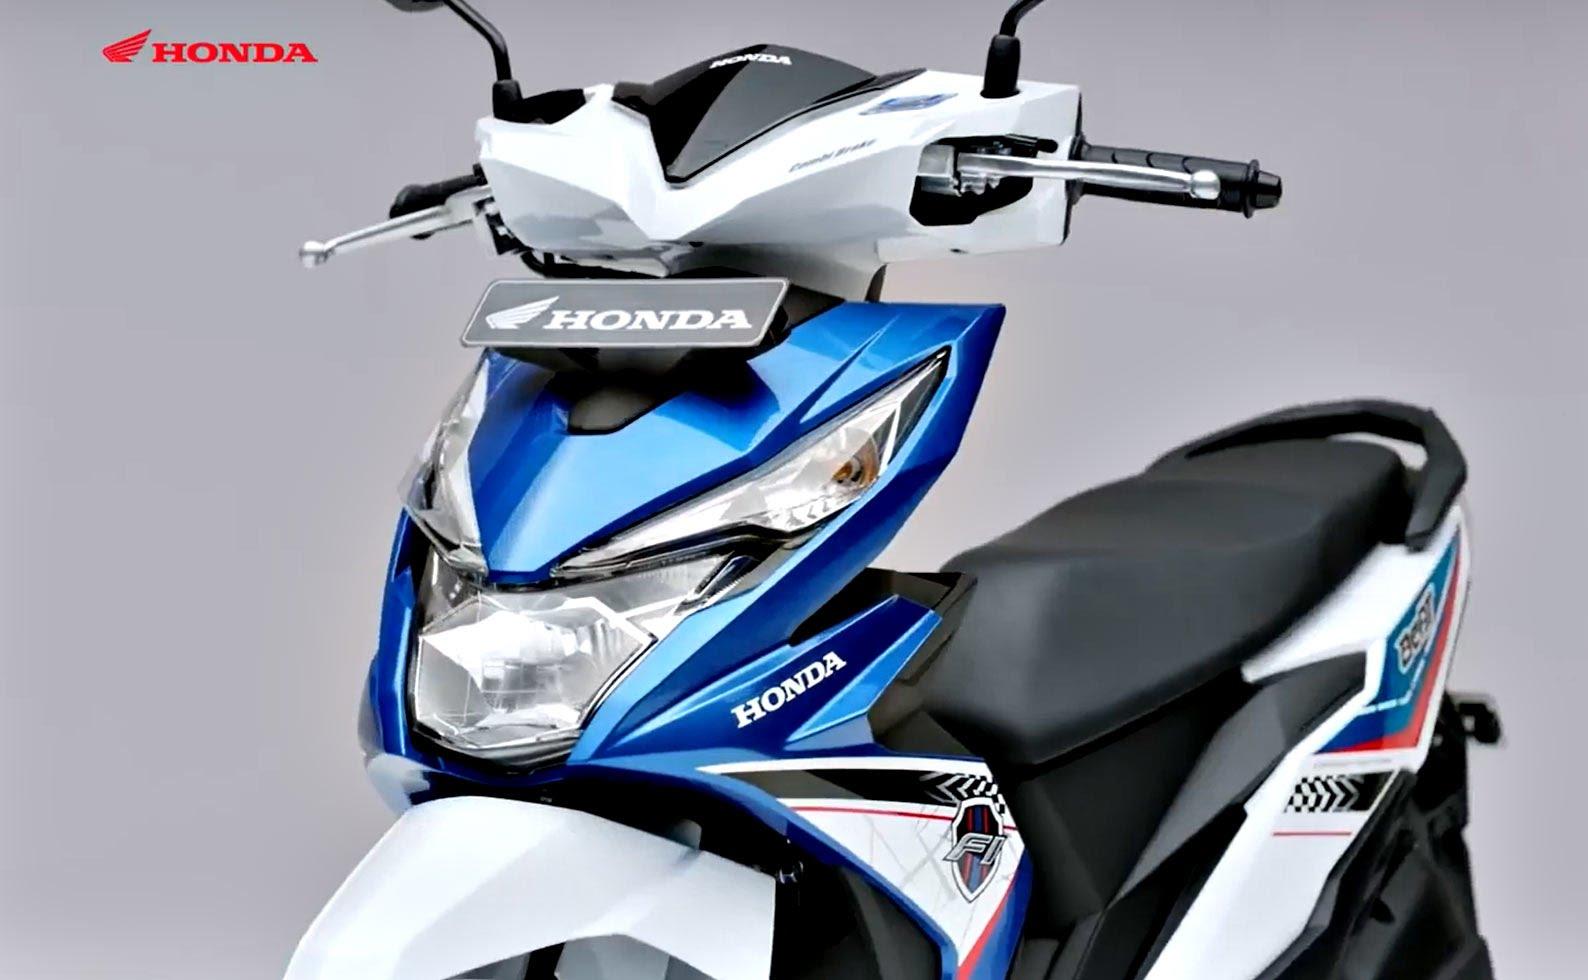 Kumpulan Harga Motor Honda Vario Dan Beat Bekas Dan Baru 2018